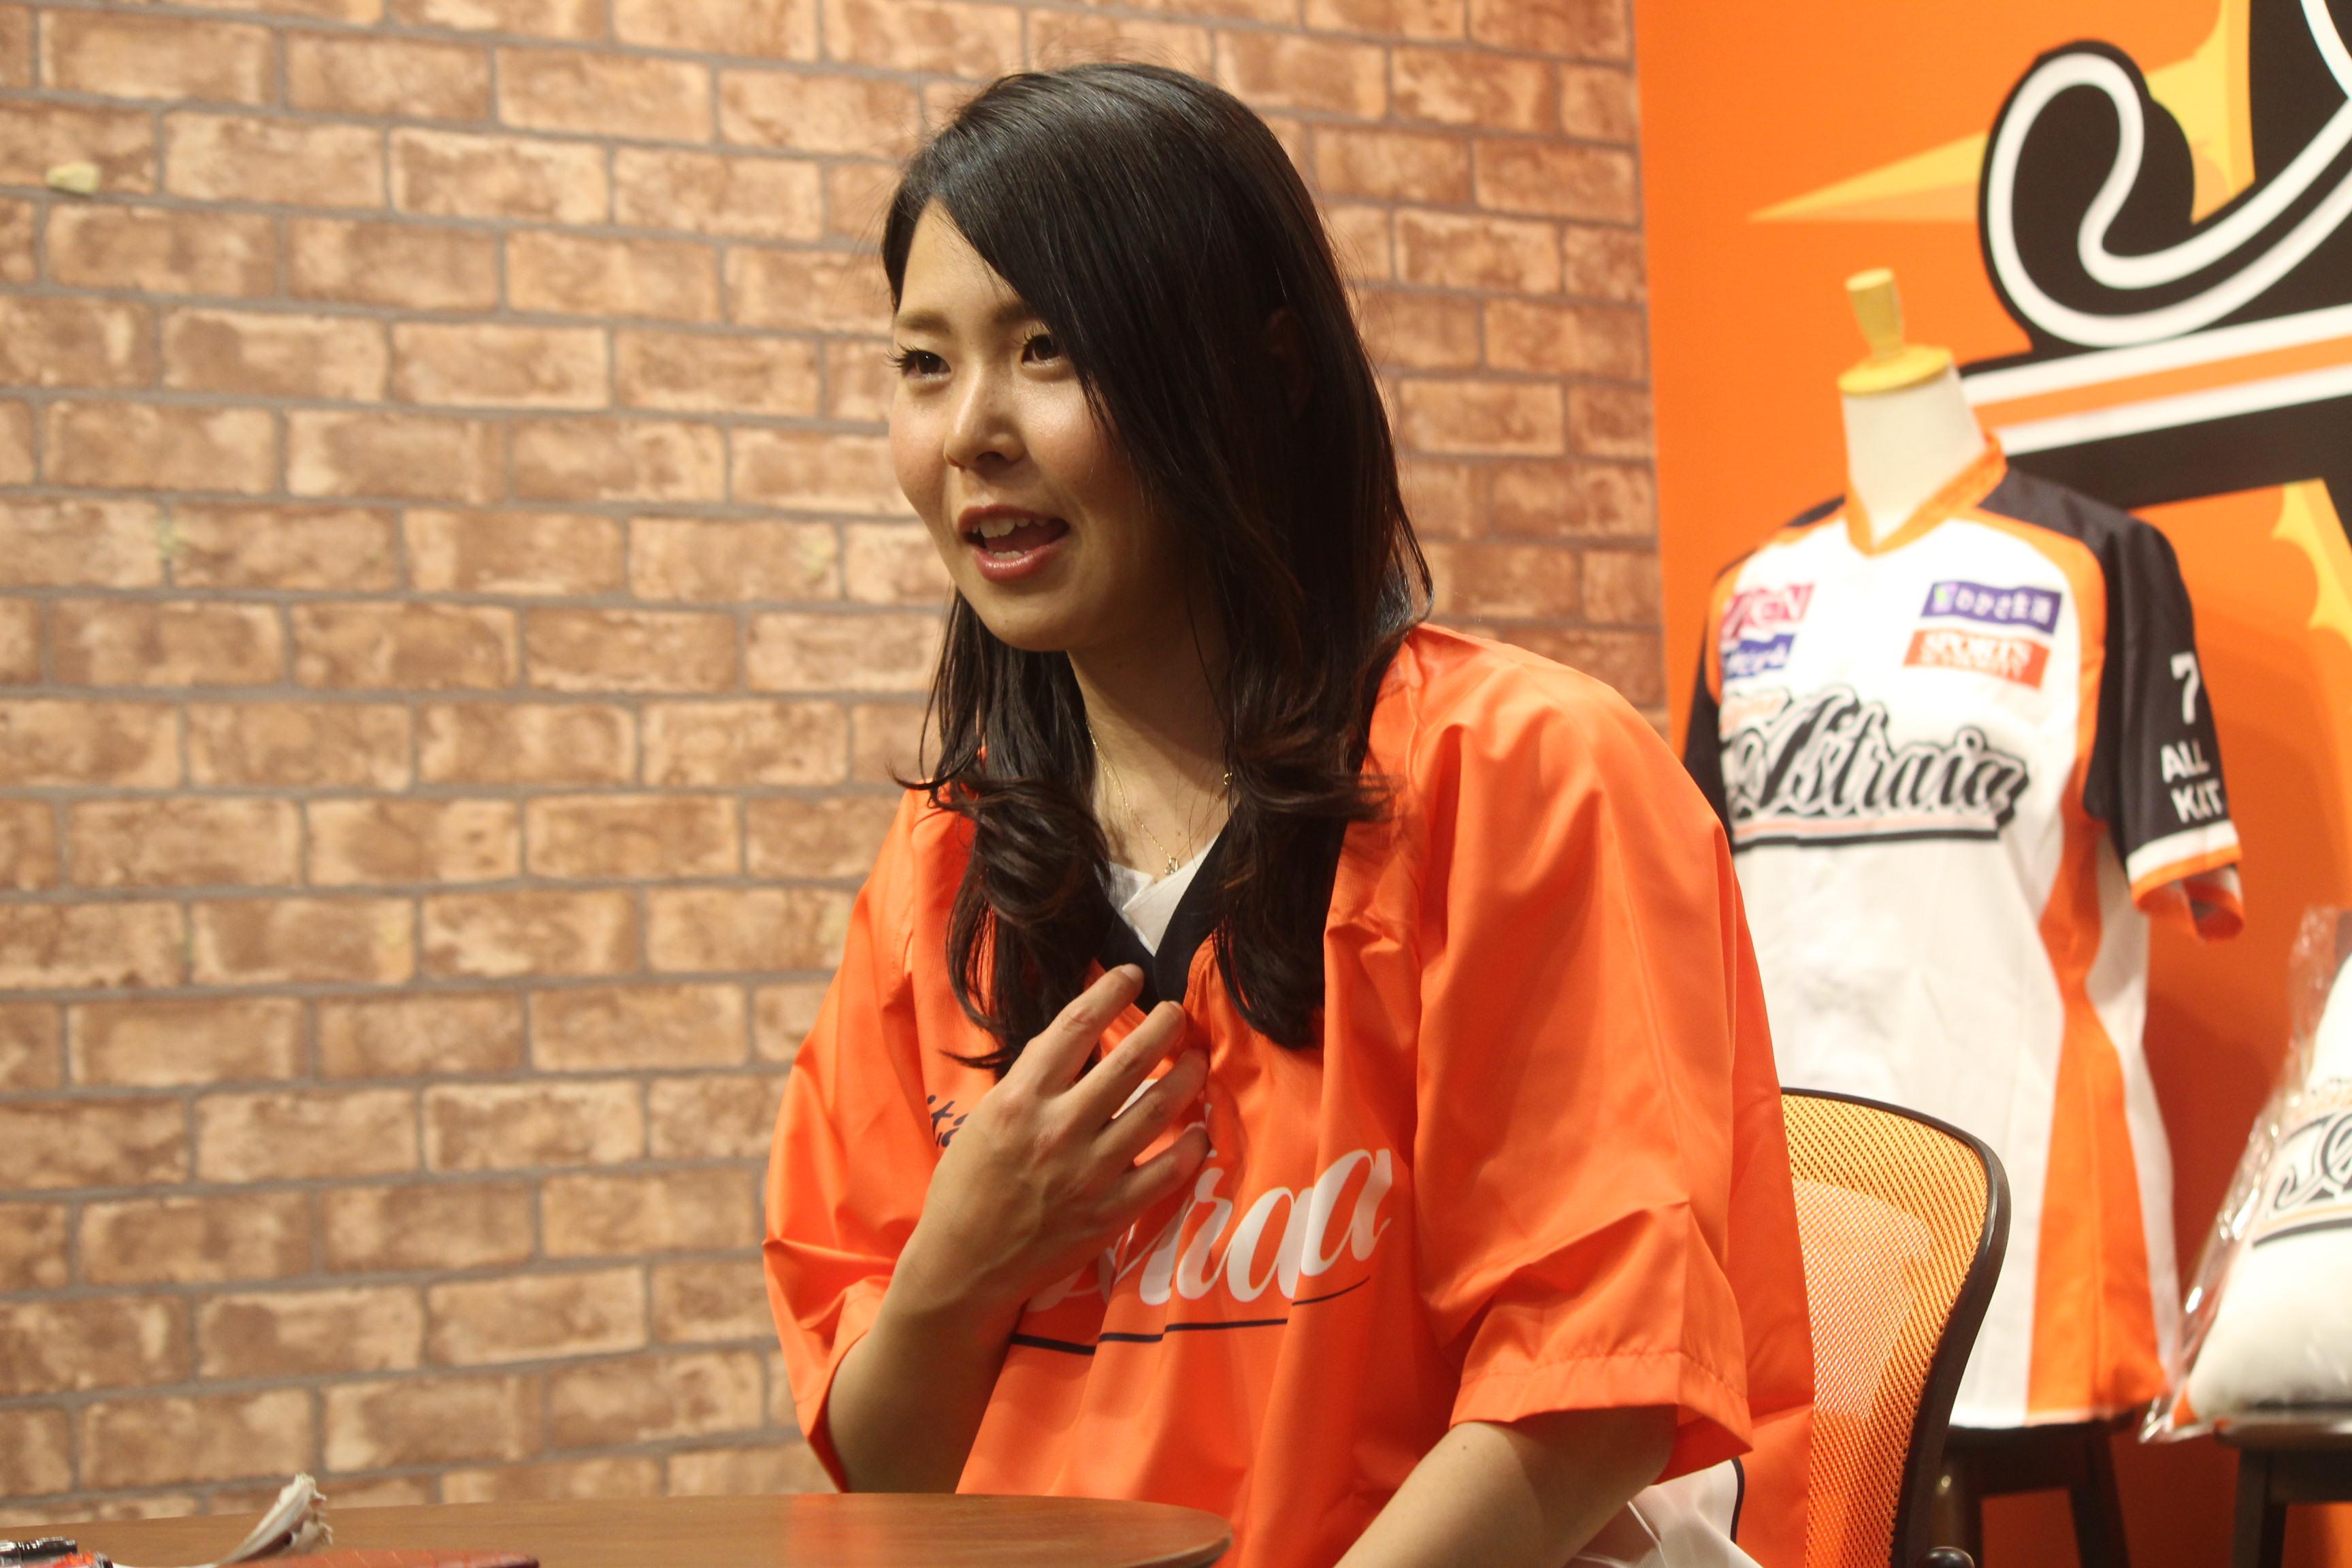 磯崎 由加里 (いそざき ゆかり、1991年7月26日 - ) は、日本の女子プロ野球選手。2019年時点で、埼玉アストライアに所属している。愛称 (ニックネーム) は「いっそ~」がインタビューに答えている写真